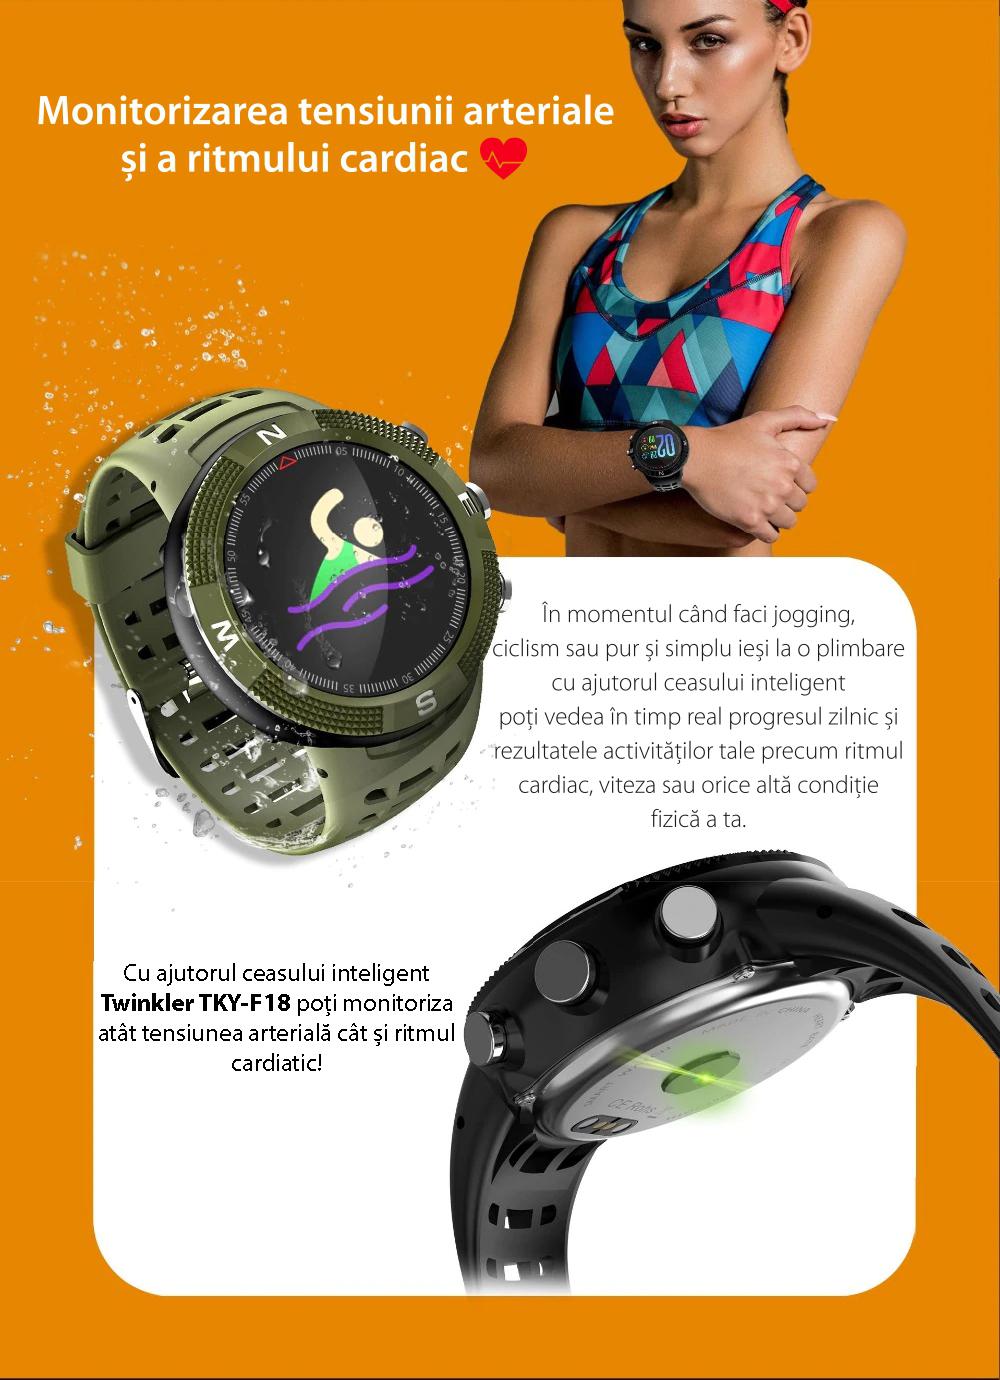 Ceas Smartwatch Twinkler TKY-F18 cu functie de monitorizare ritm cardiac, Nivel calitate somn, GPS, Busola, Incarcare magnetica, Verde